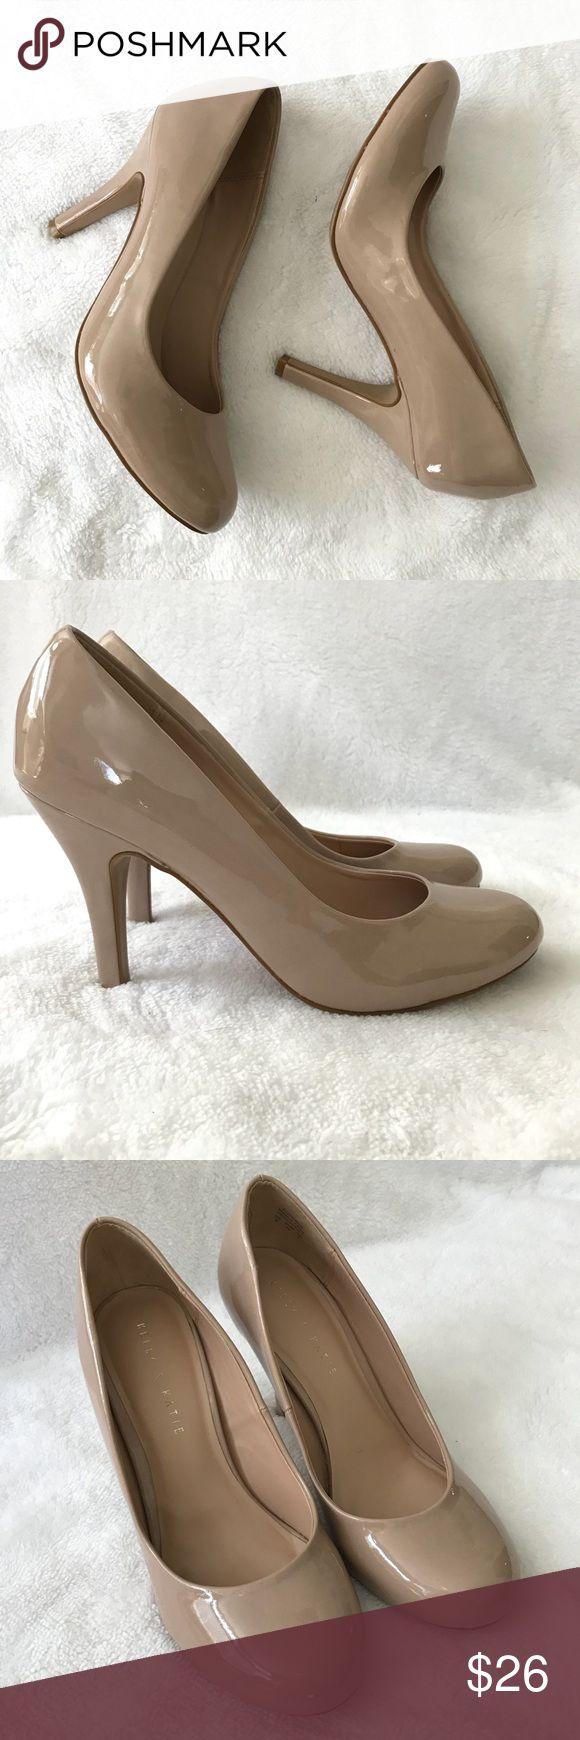 Nude pump heels — img 3